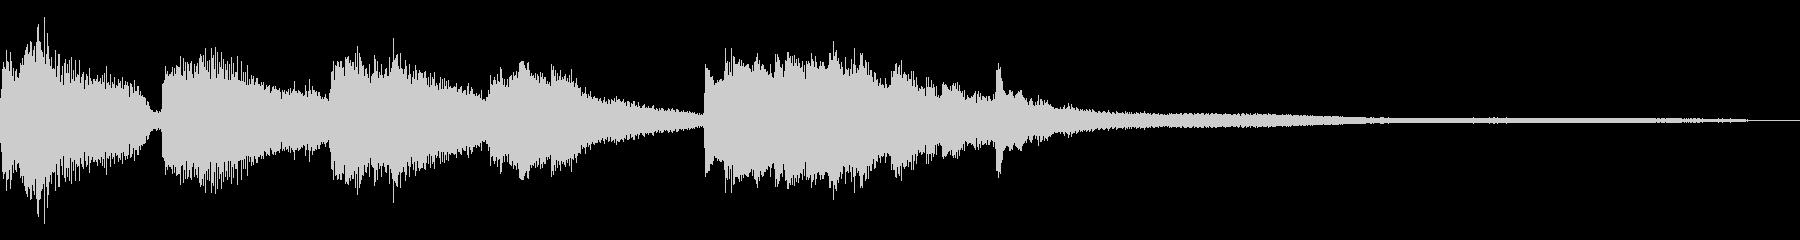 ジングル用の短いピアノフレーズの未再生の波形